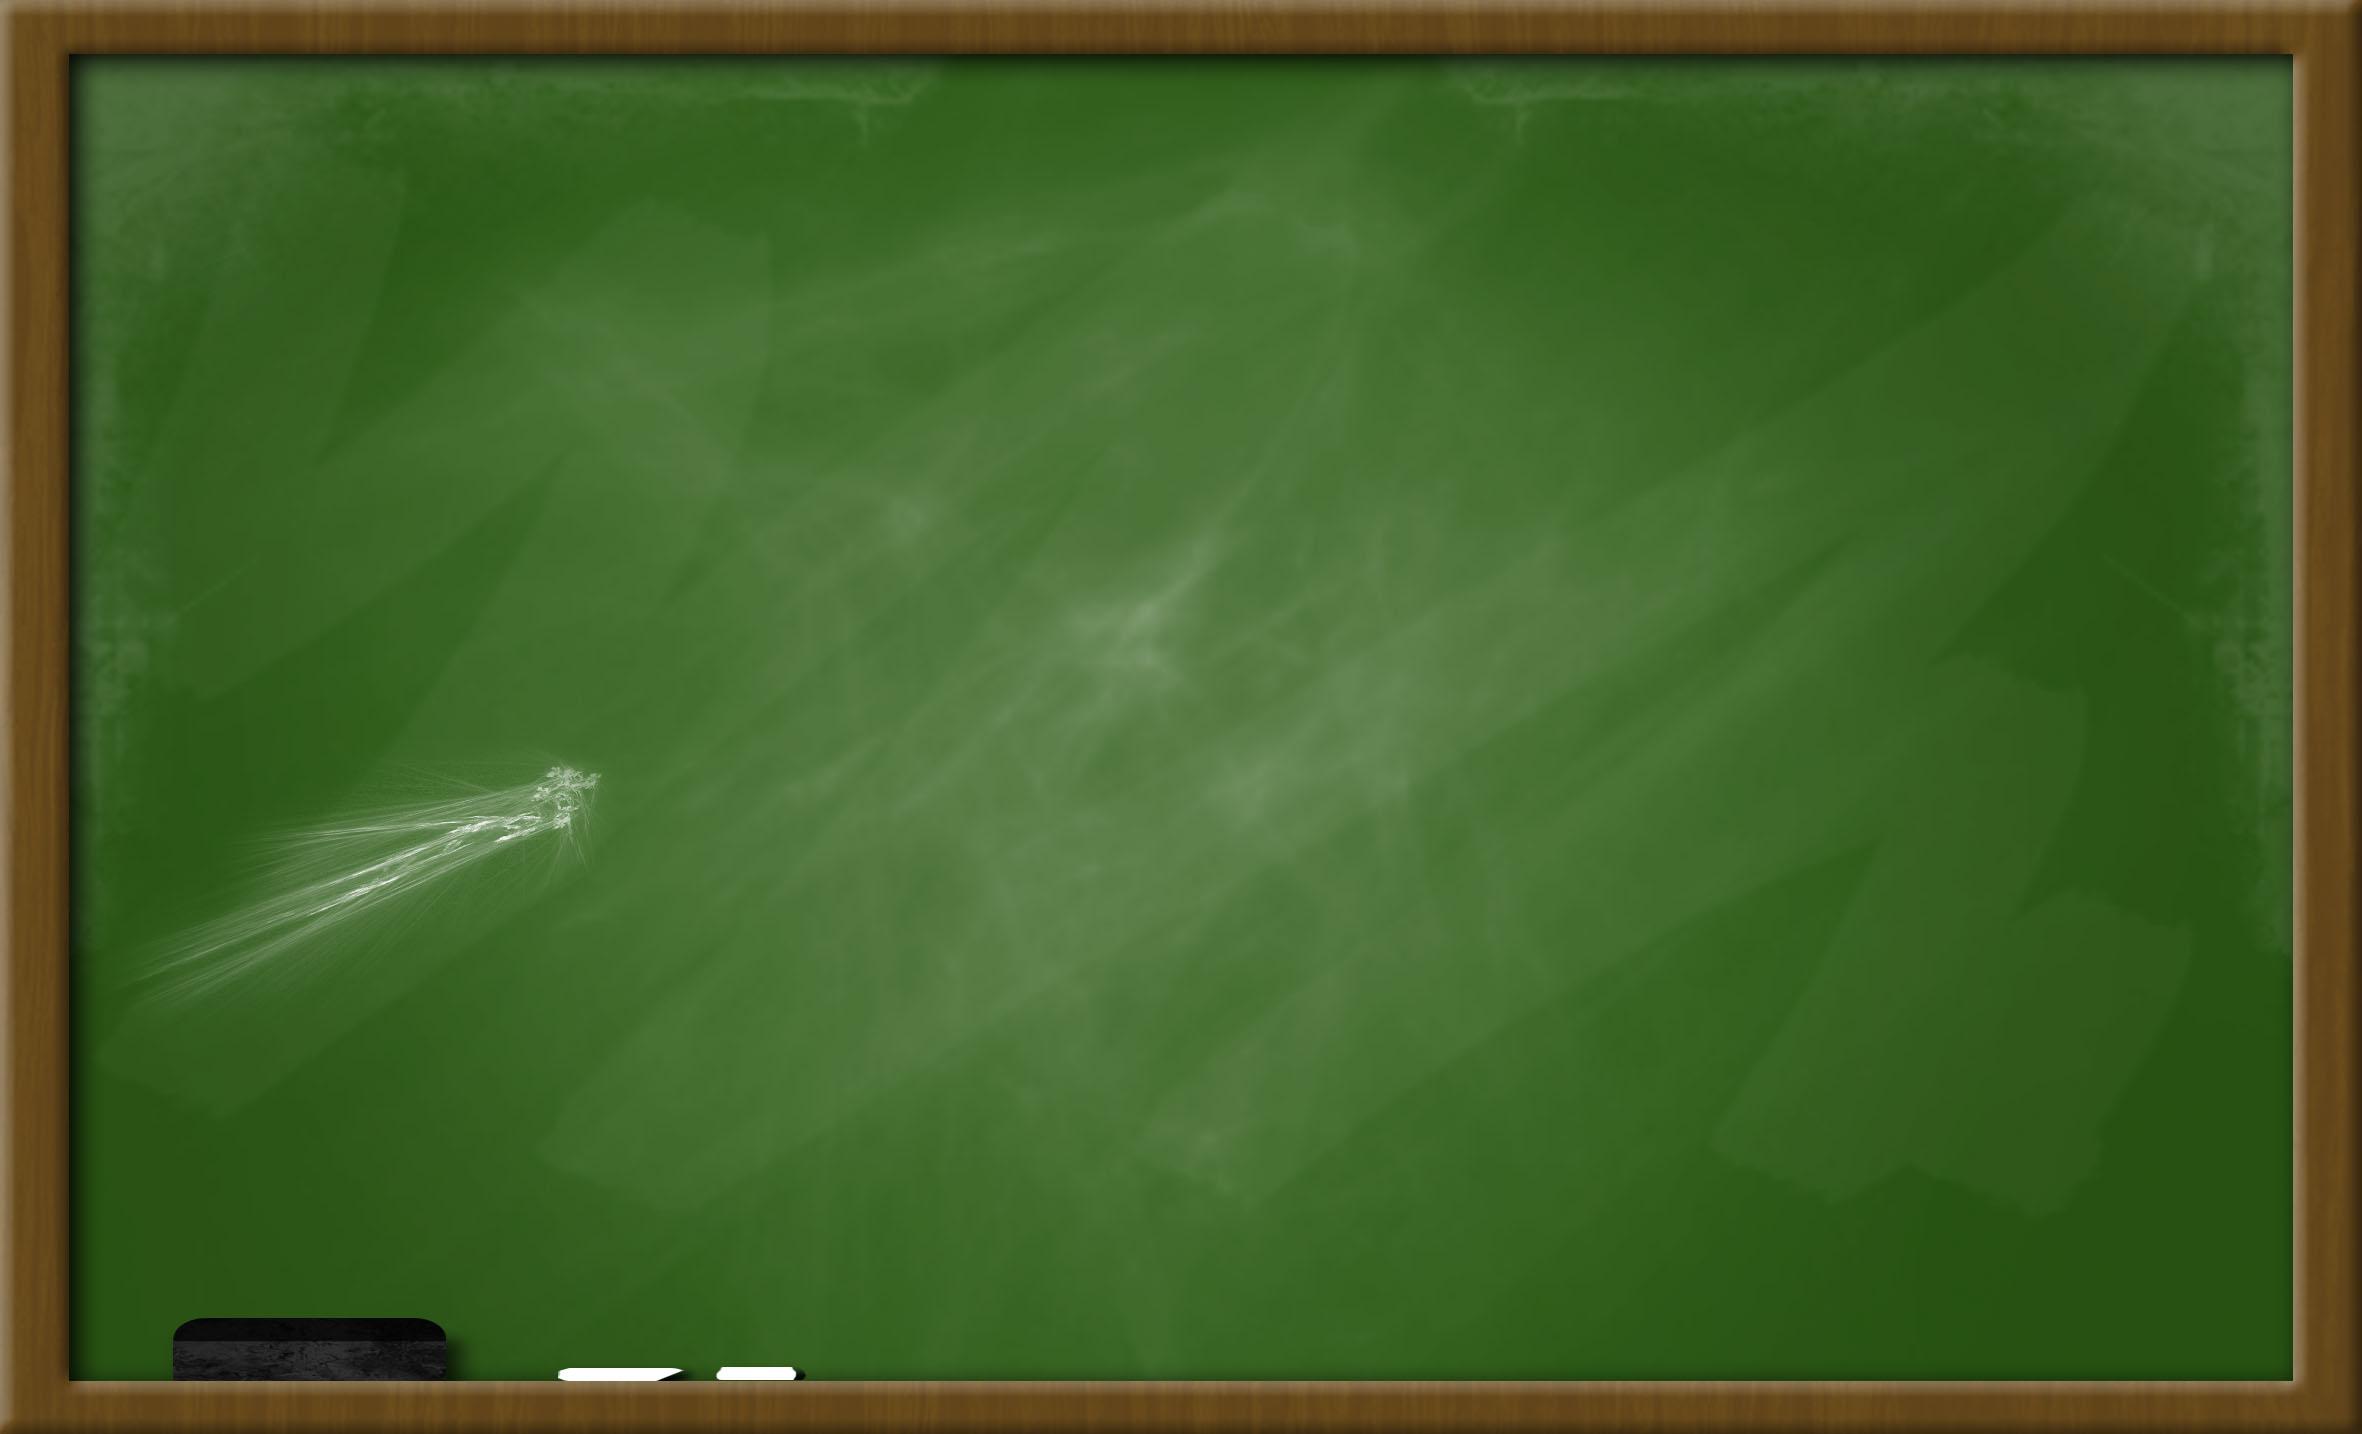 chalkboard hd wallpaper free download